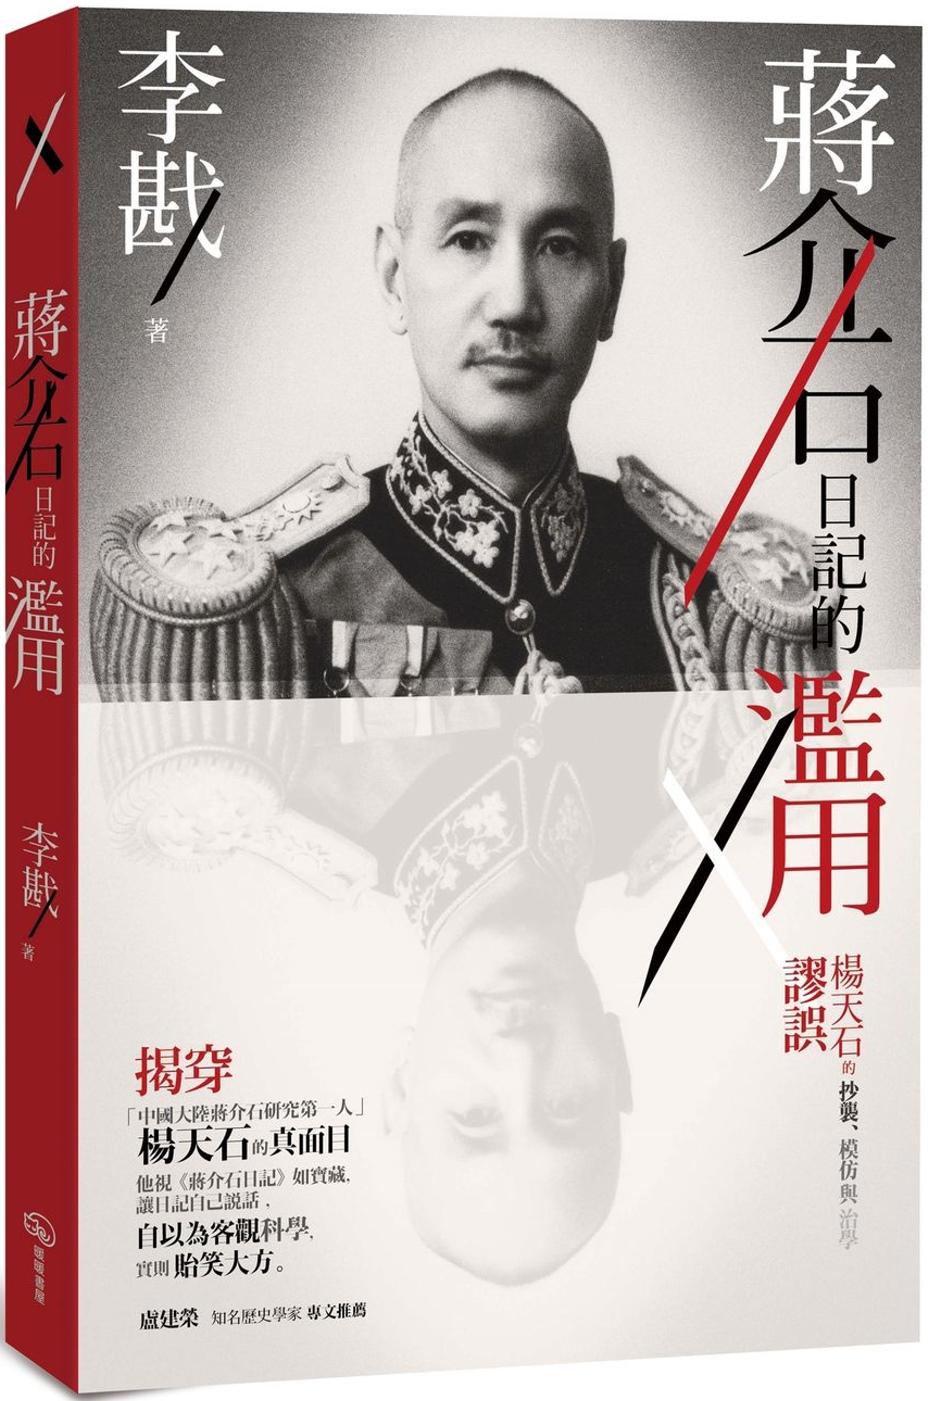 蔣介石日記的濫用:楊天石的抄襲...